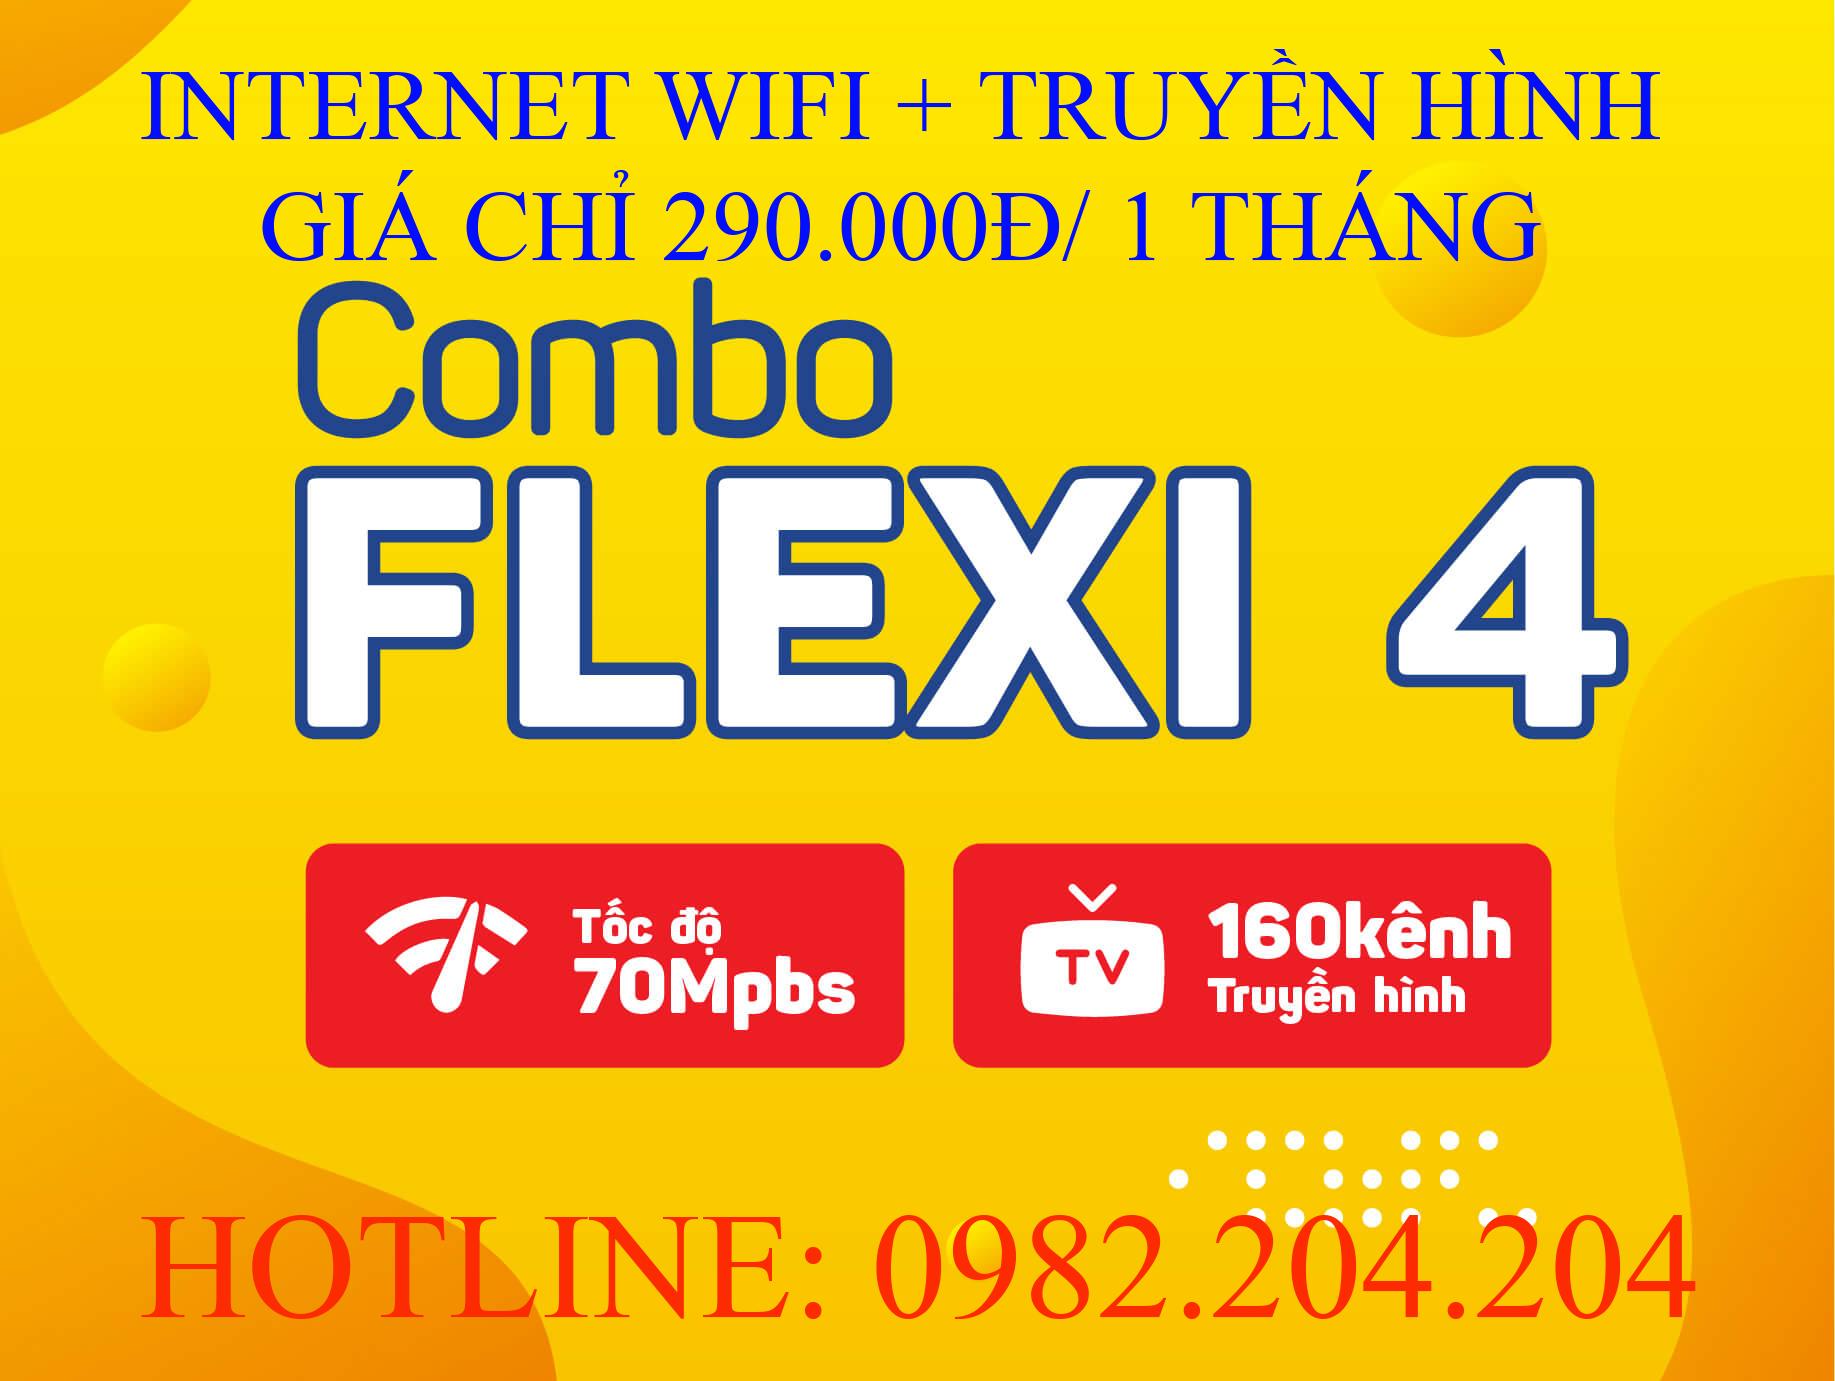 Tổng đài đăng ký internet Viettel cung cấp gói combo flexi 4.